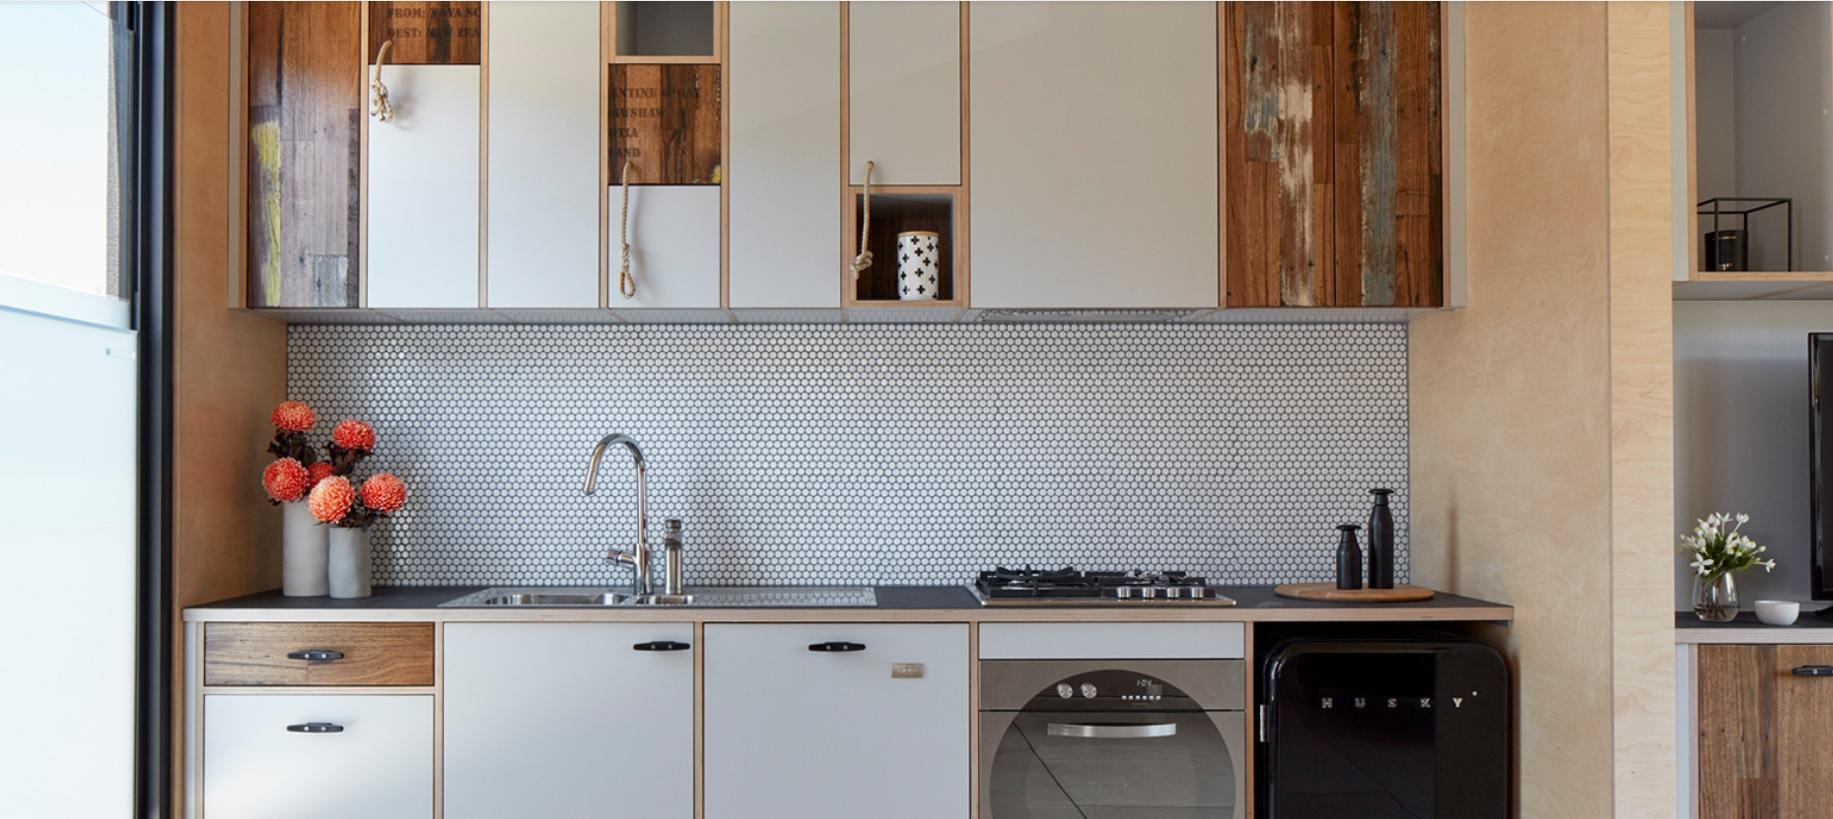 Penny Tiles, Melbourne - Pavé Tile Co